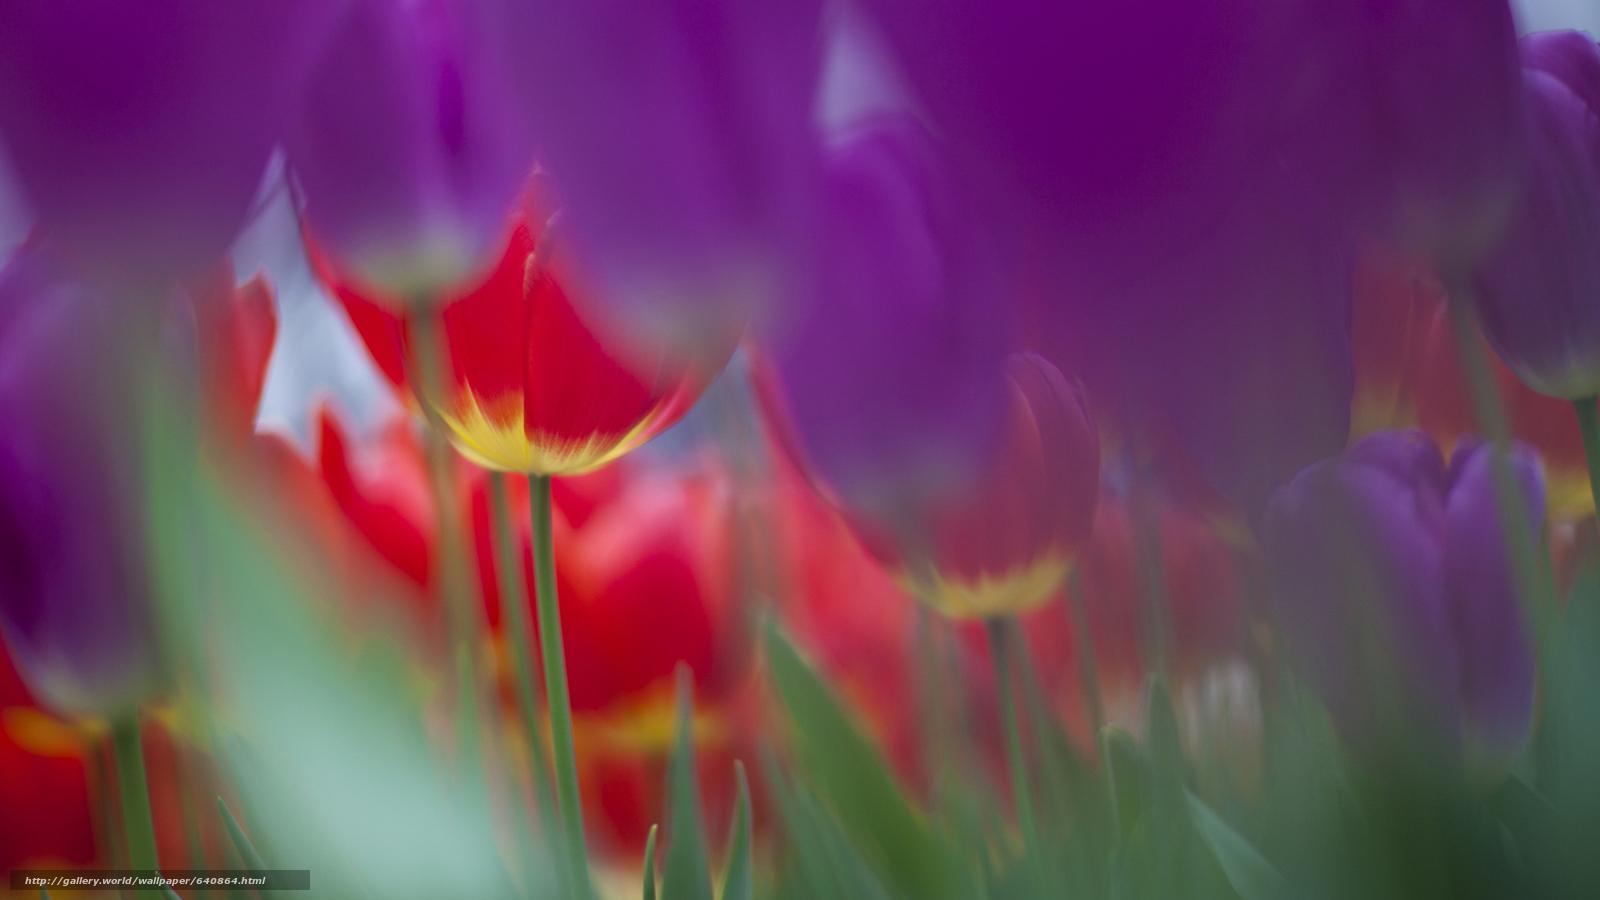 Скачать обои тюльпан,  тюльпаны,  цветы,  цветок бесплатно для рабочего стола в разрешении 2048x1152 — картинка №640864